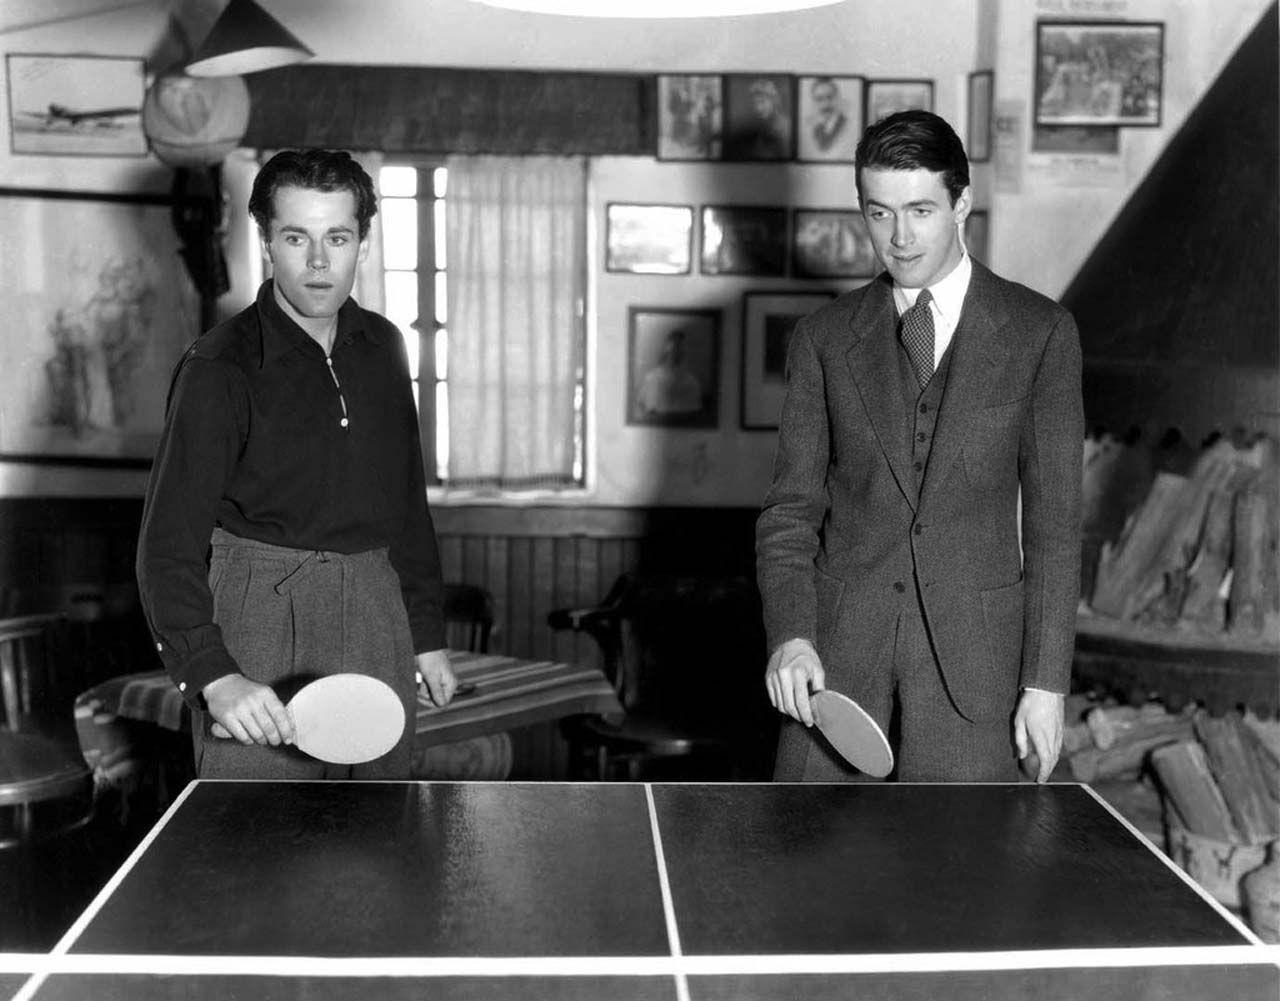 Henry Fonda and Jimmy Stewart, 1937 Biografias, Série de